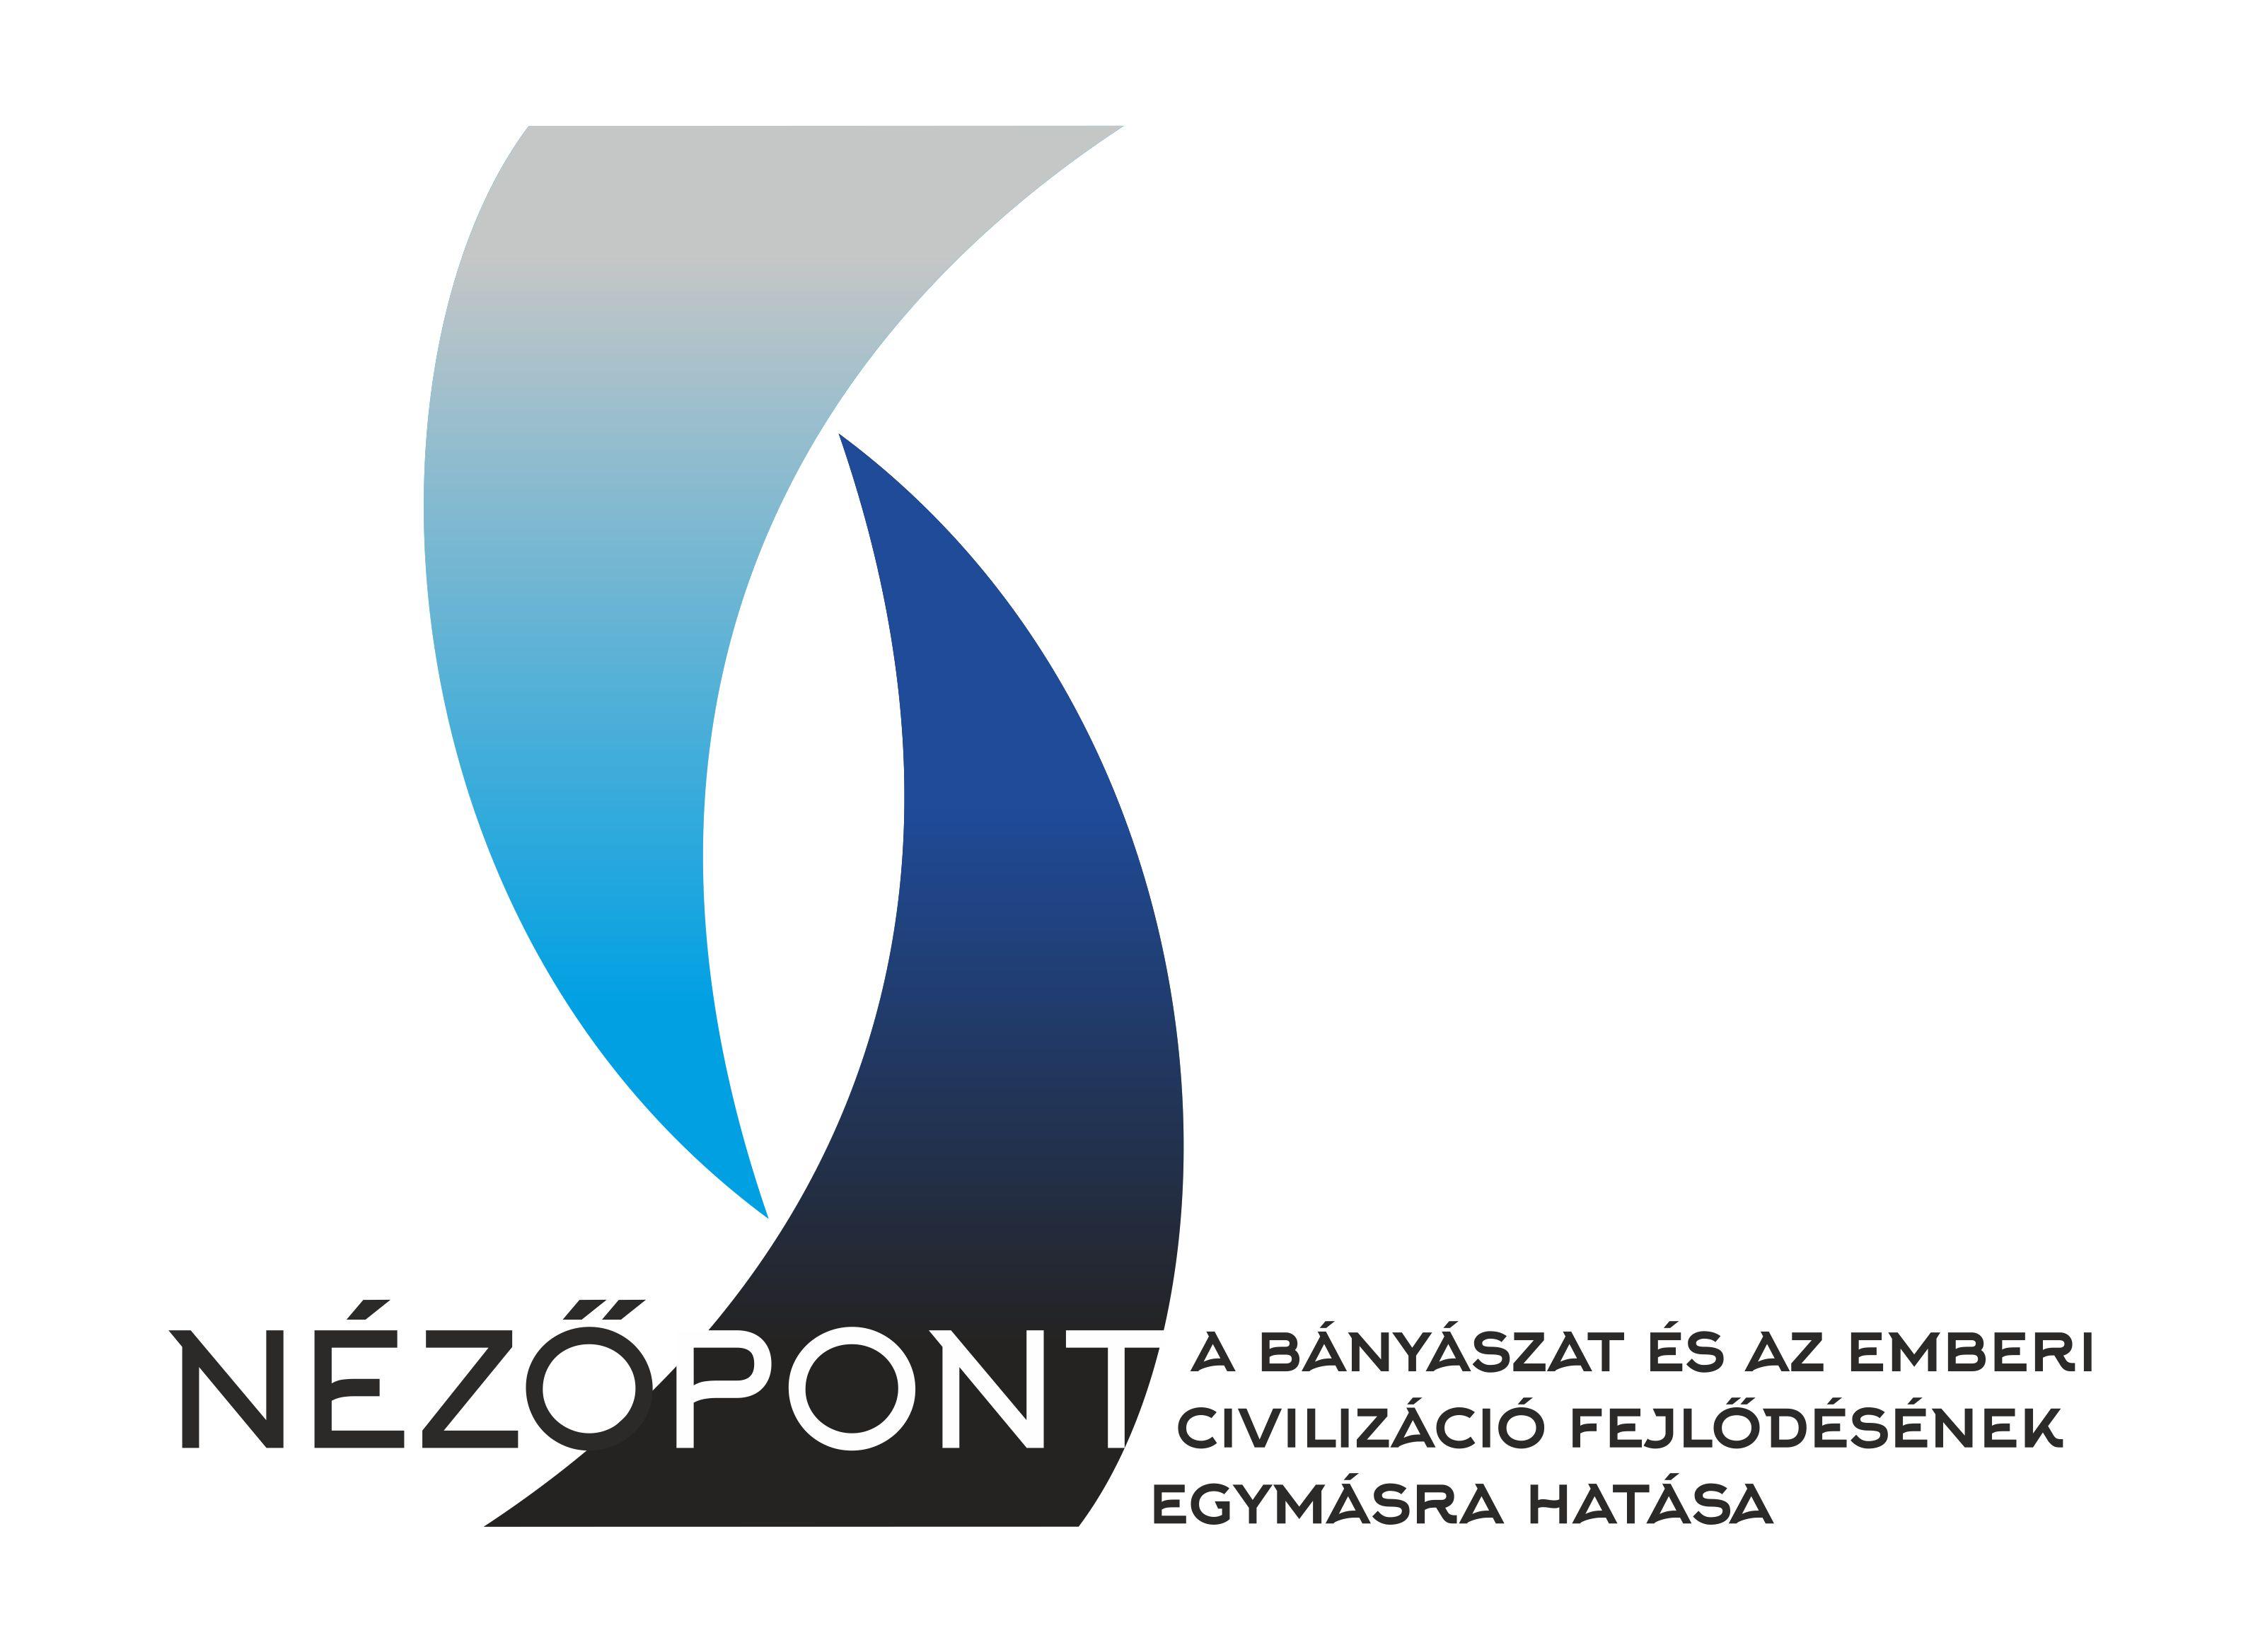 logo_projekt.jpg